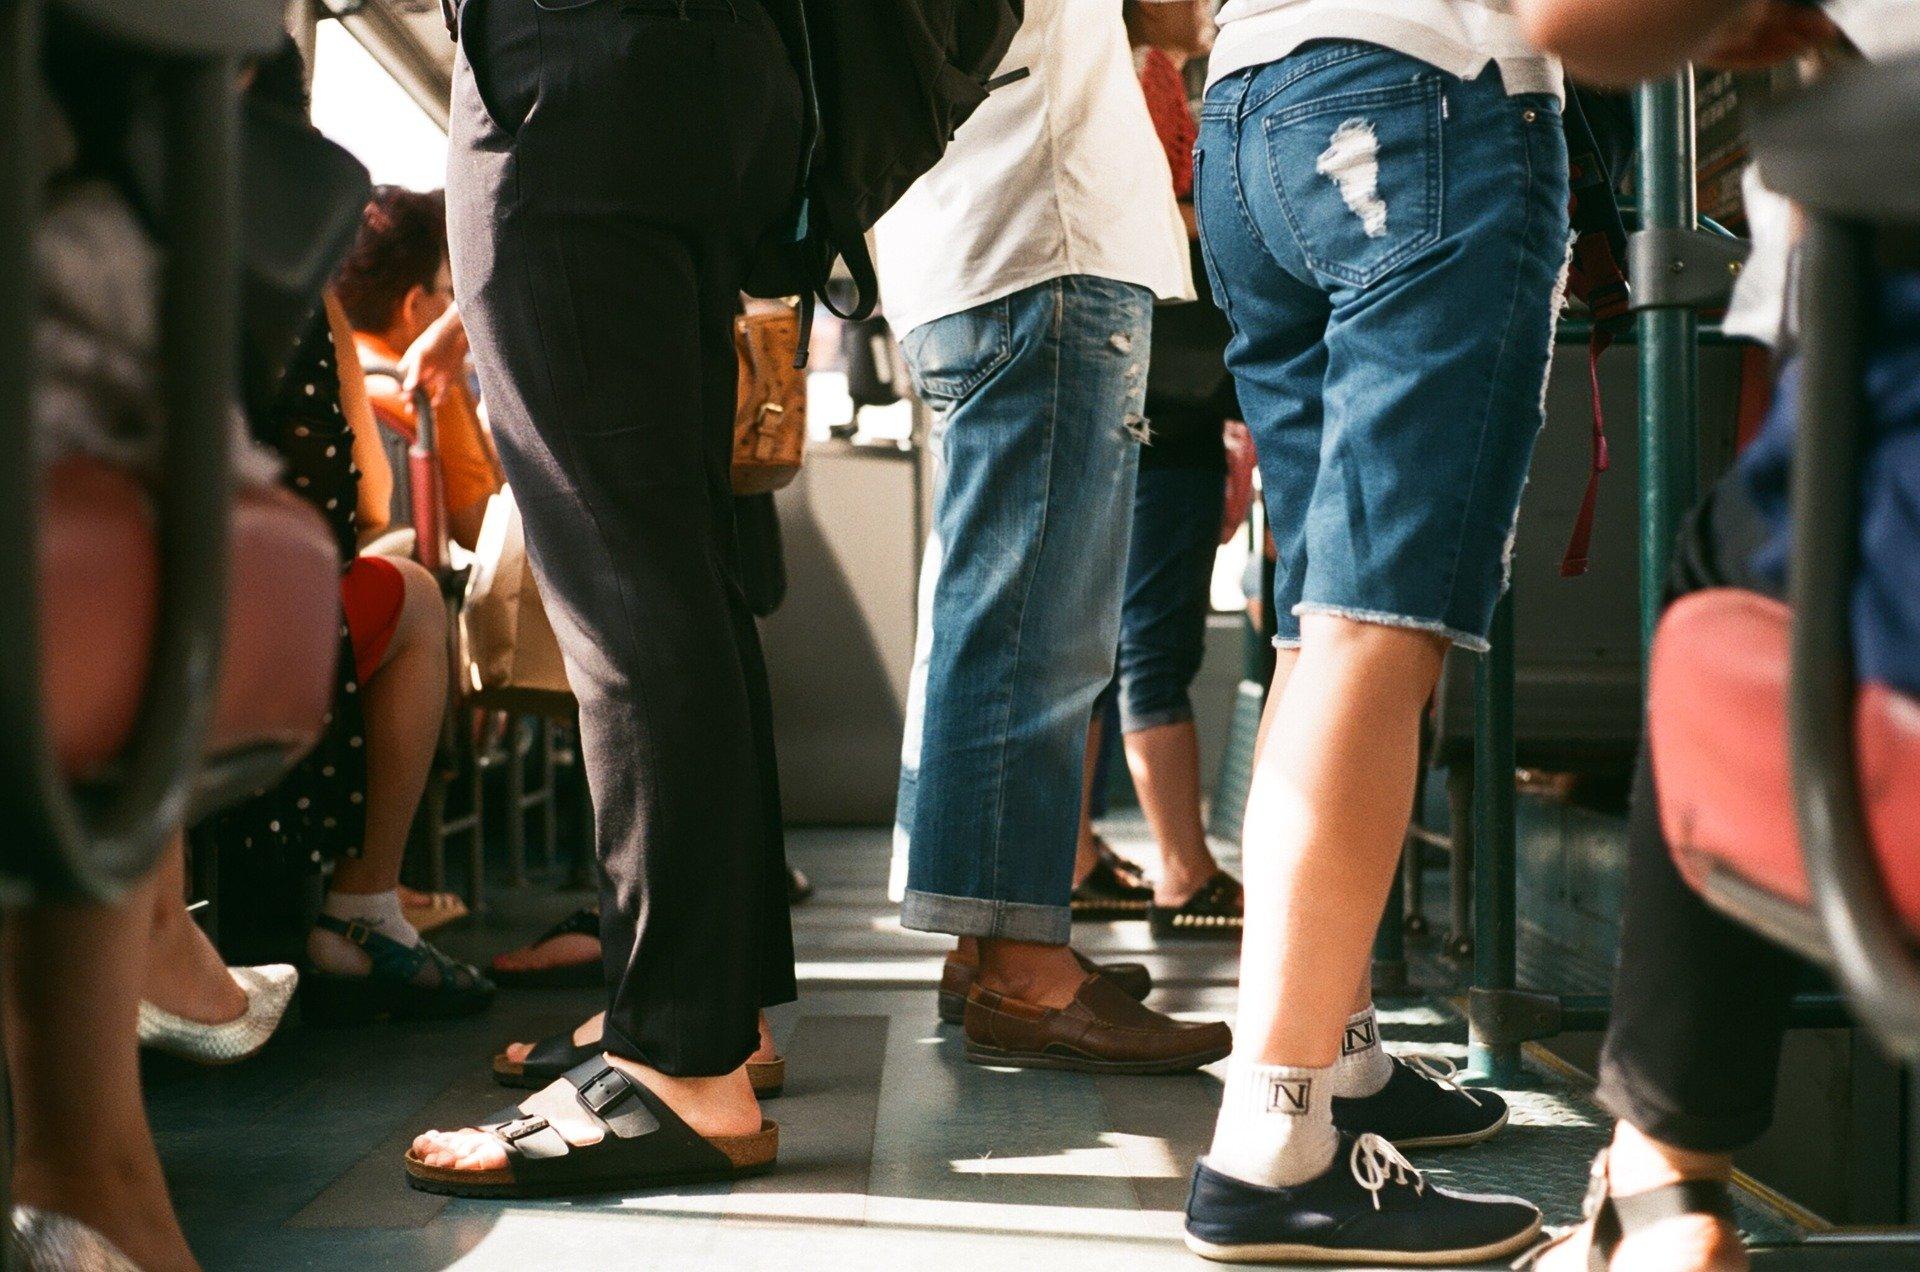 Interwencje Czytelników.W busach tłok, nie przestrzega się nowych zasad - Zdjęcie główne